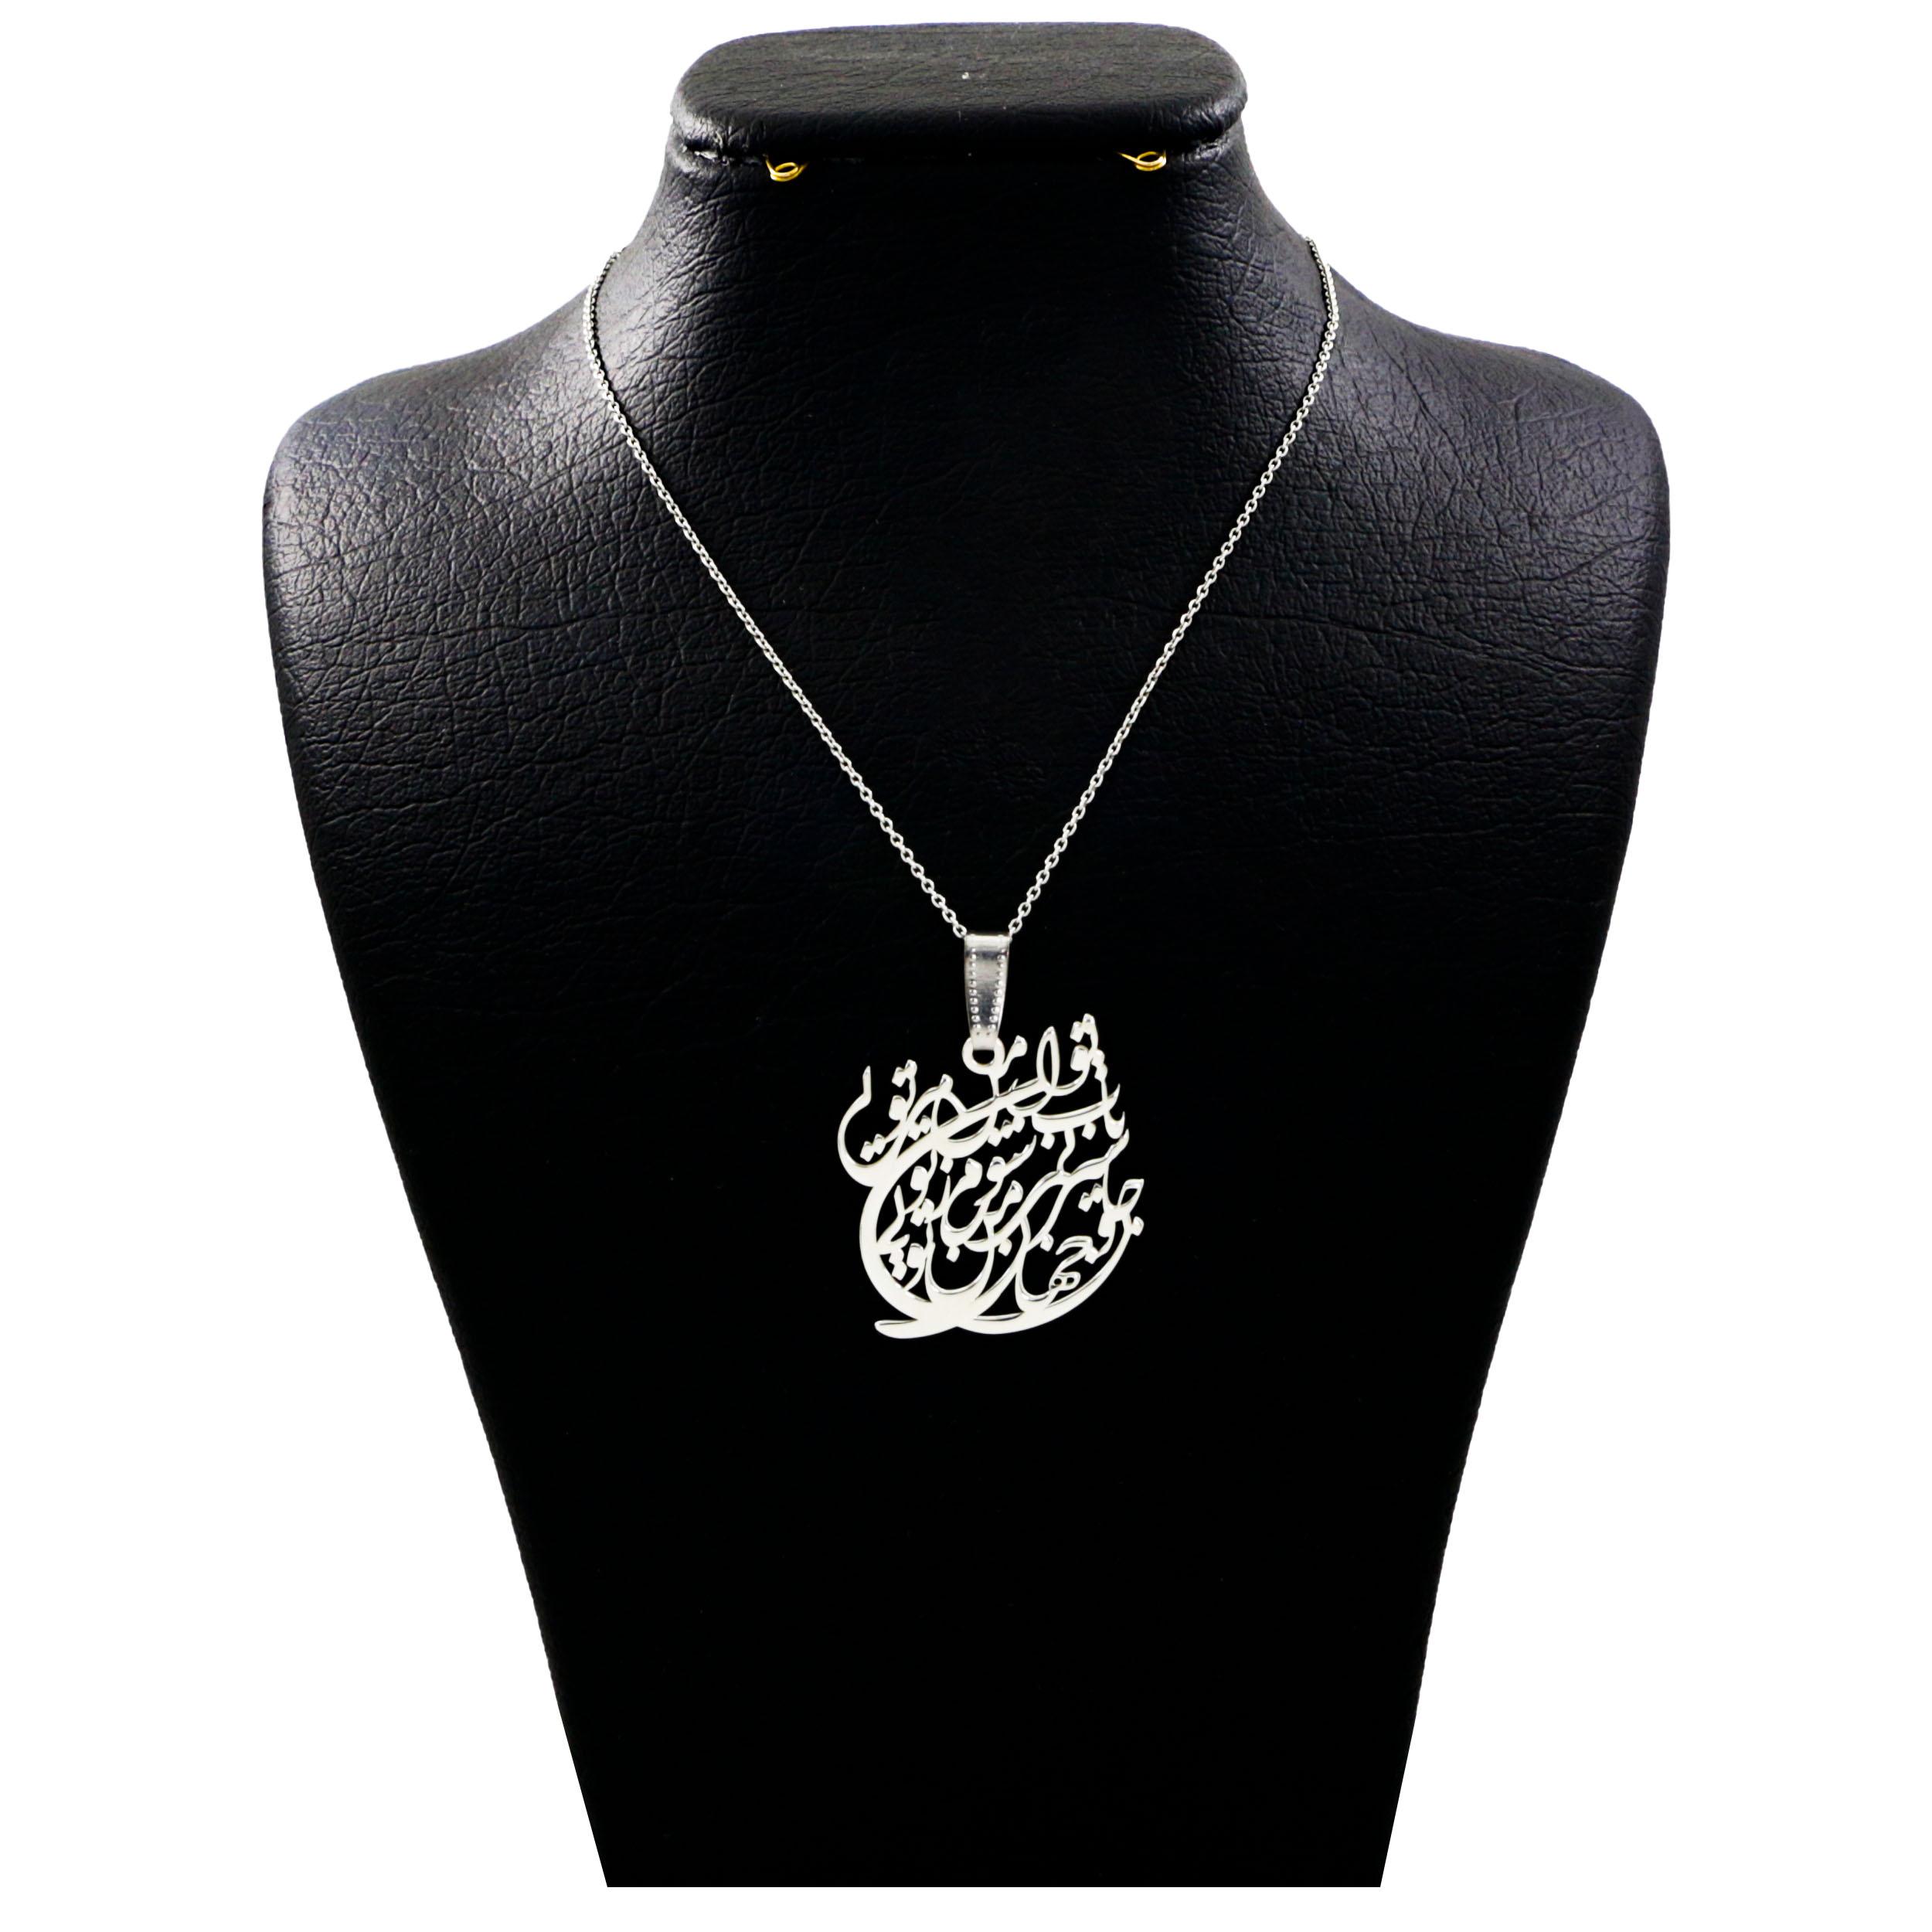 گردنبند نقره زنانه دلی جم طرح جان جهان من تویی تاب کد D 91 -  - 2